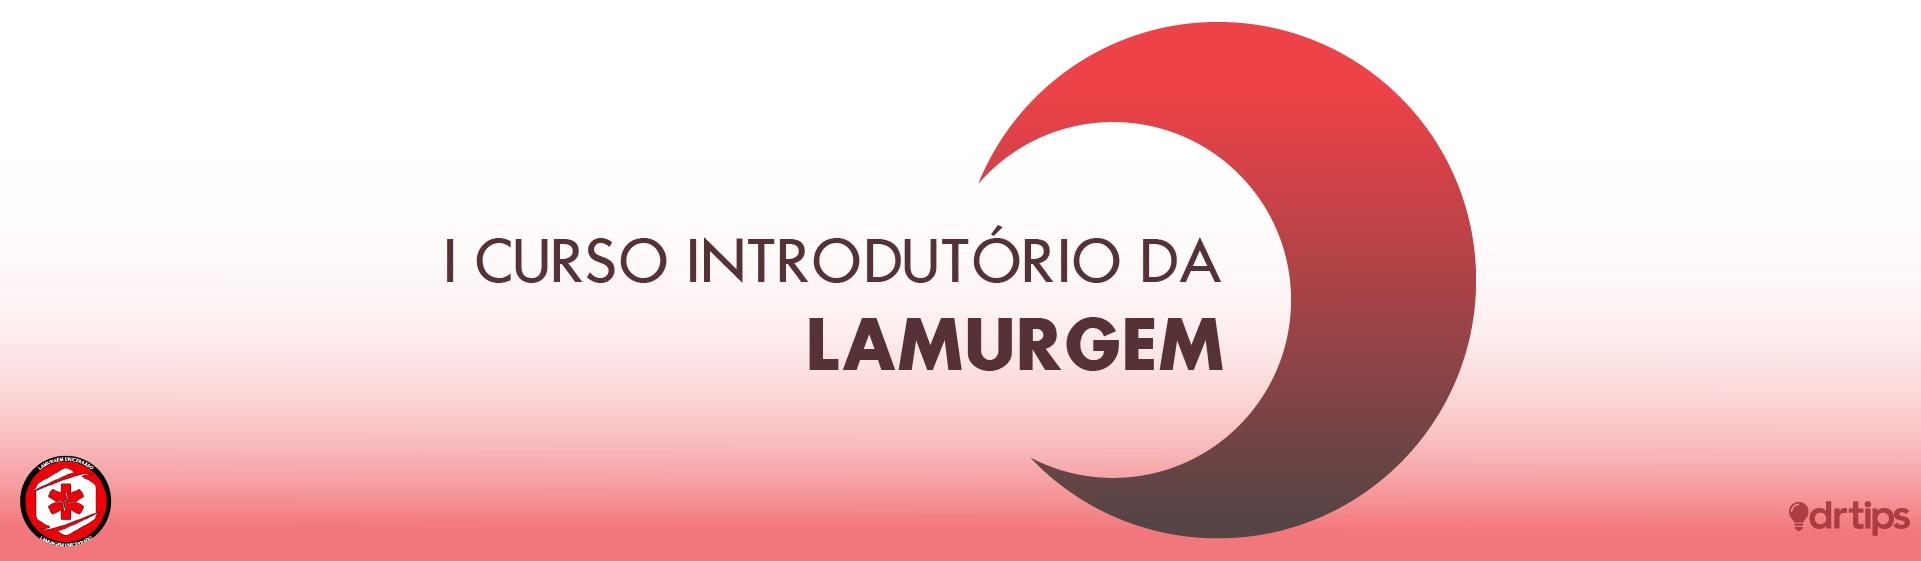 Banner lamurgem